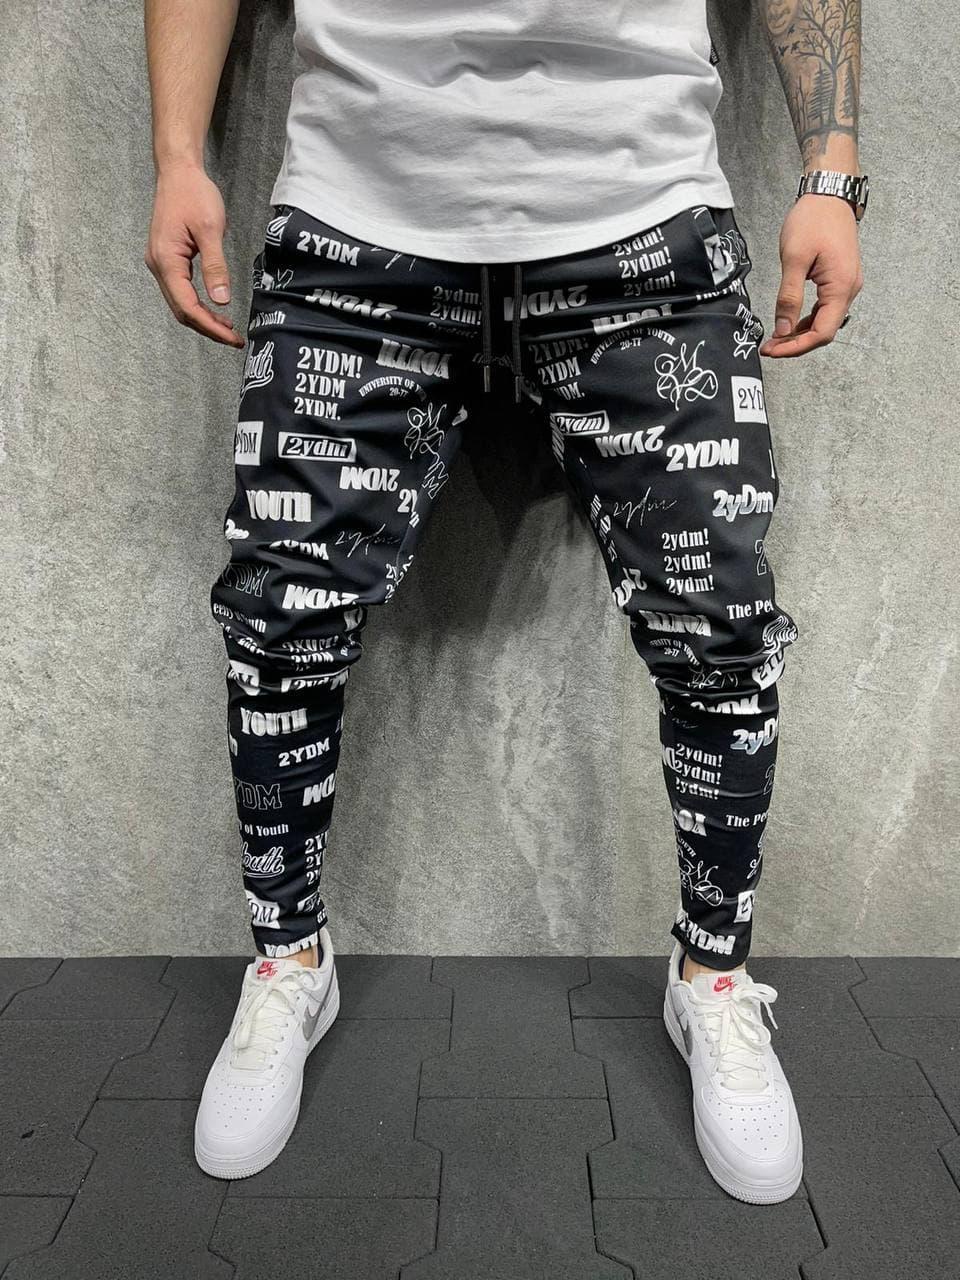 Чоловічі спортивні штани чорні 2Y Premium P2004